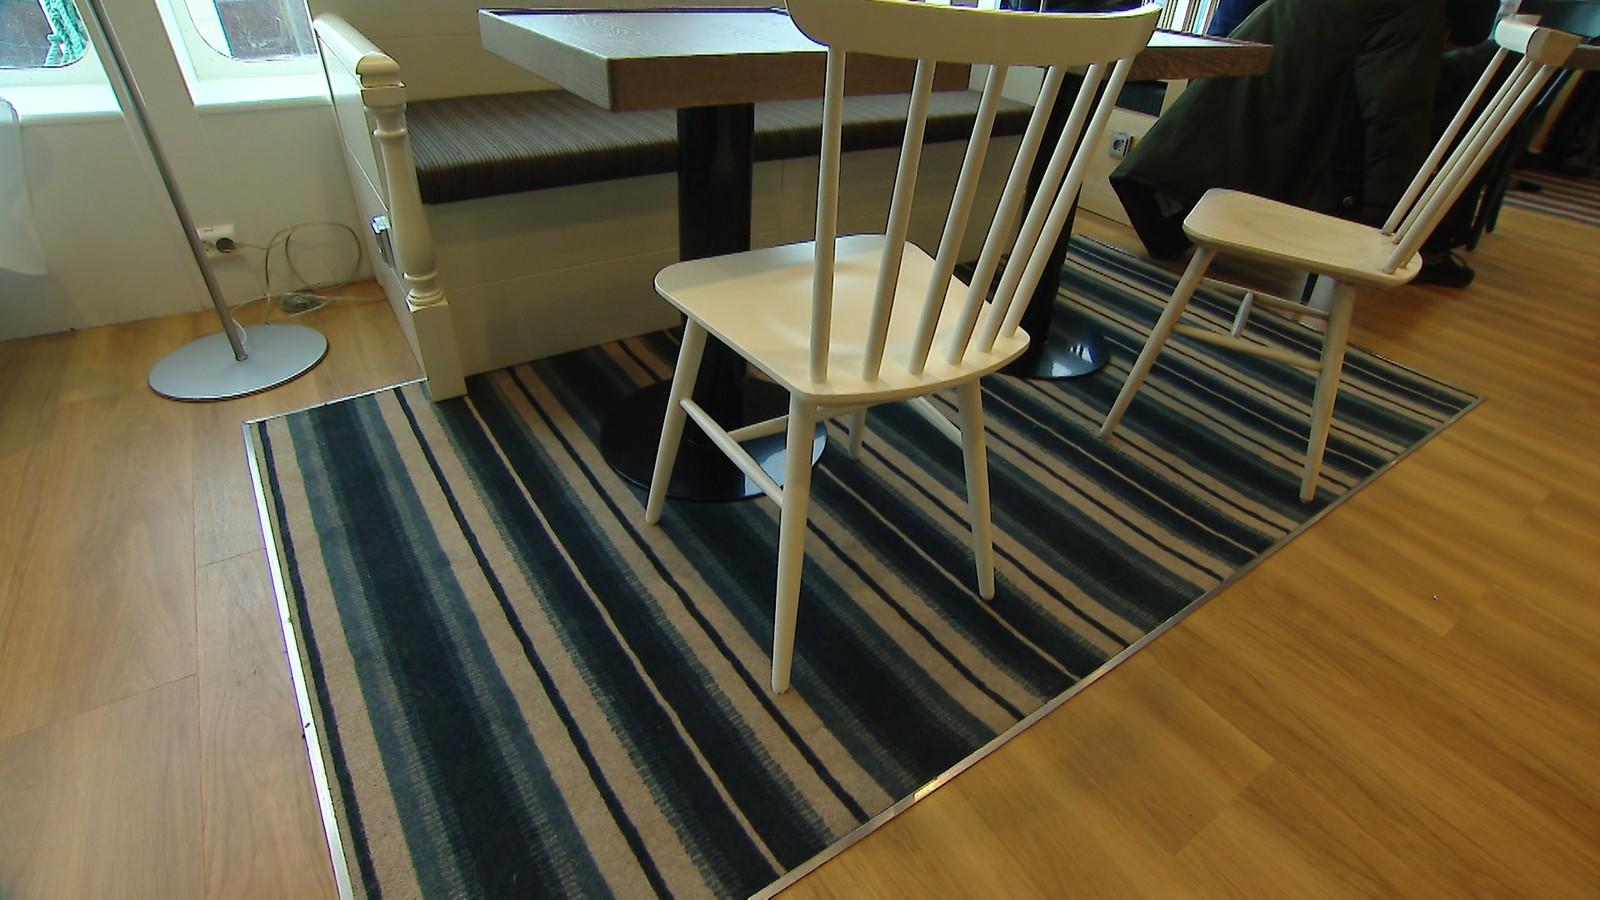 Interiørbilde fra Multe bakeri. Pinnestolene er ifølge personalet testet i storm.